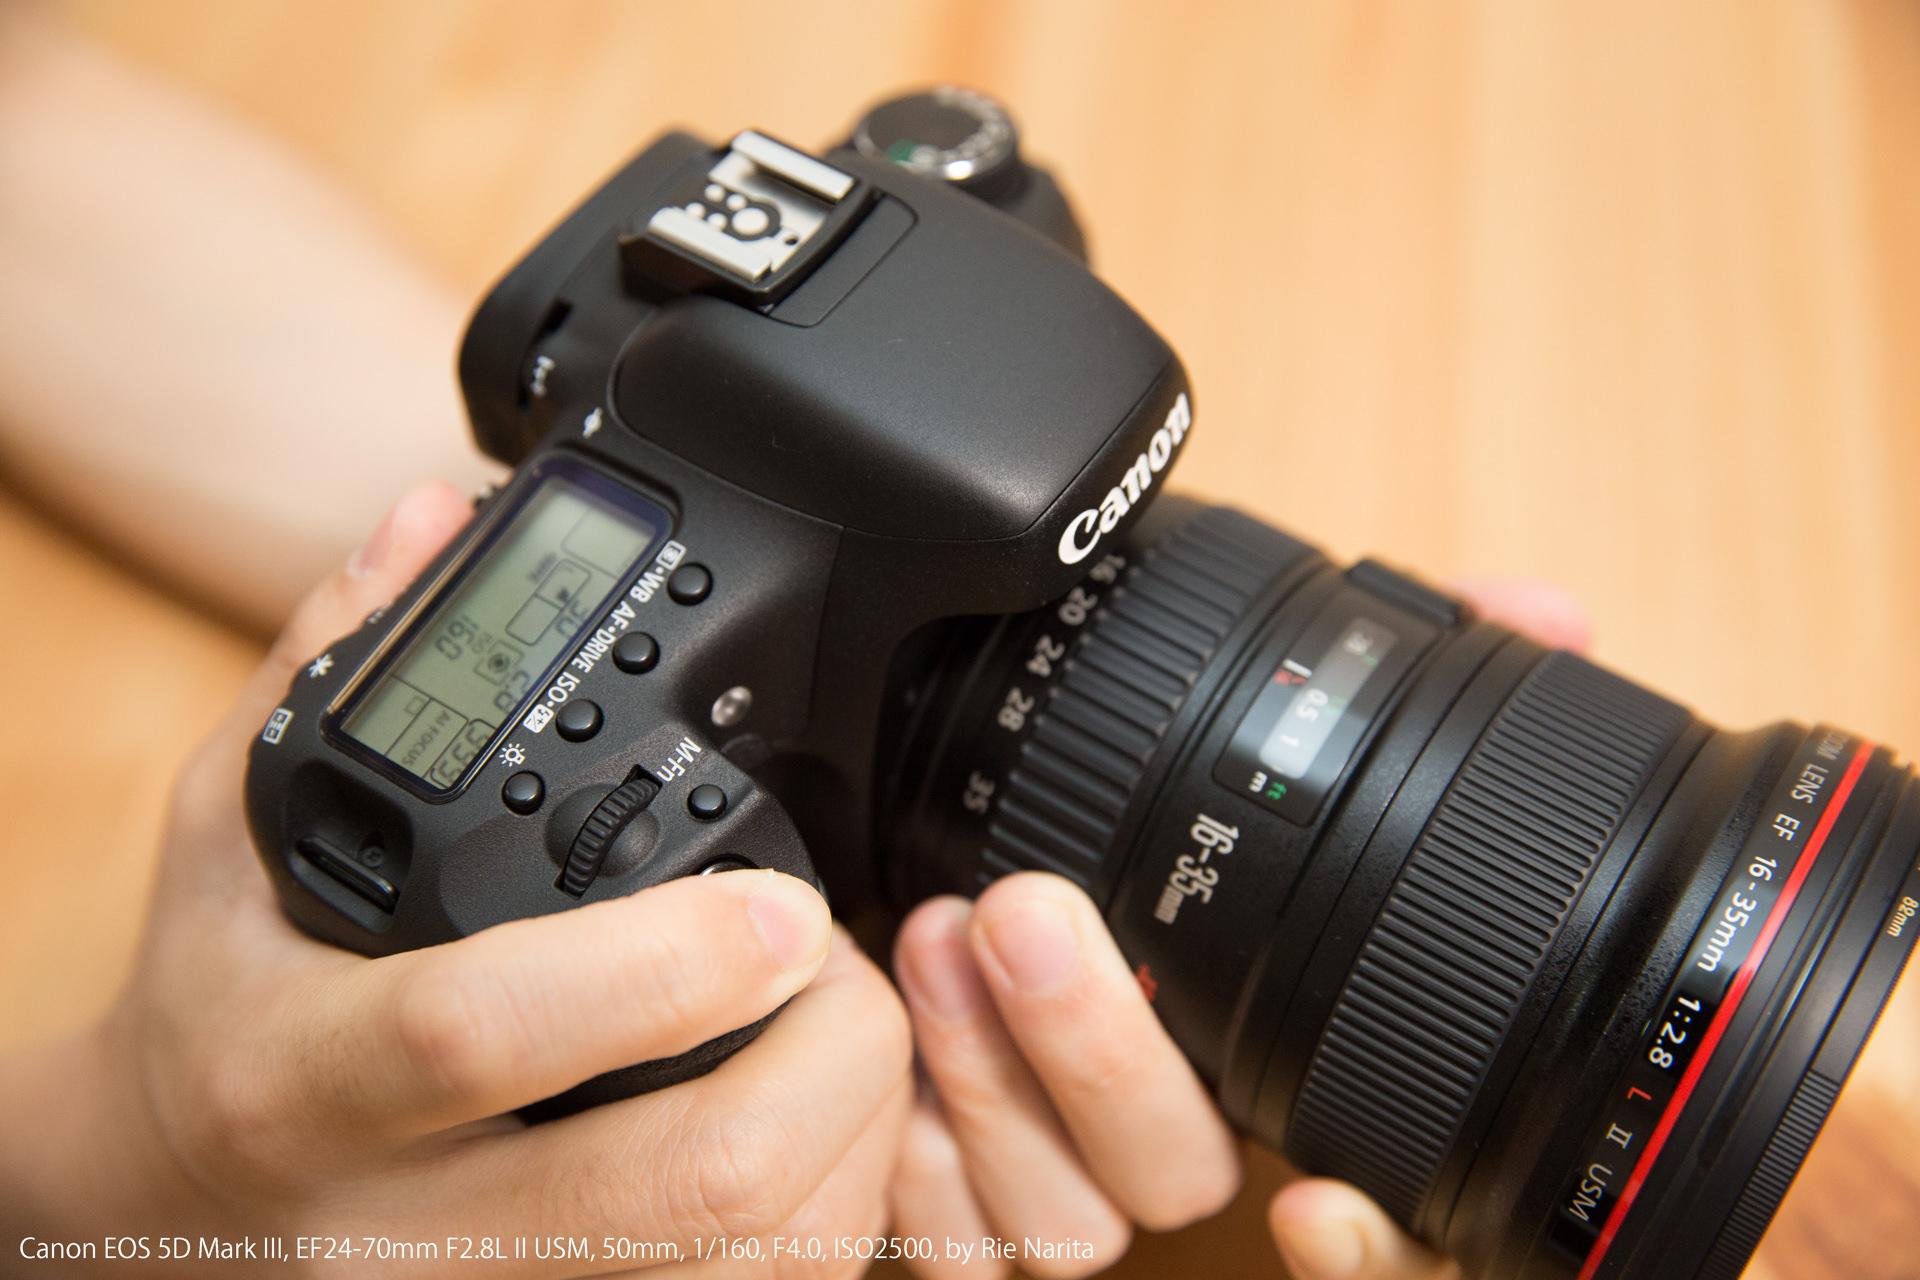 一眼レフカメラのシャッターボタンを半押ししてピントを合わせているところ